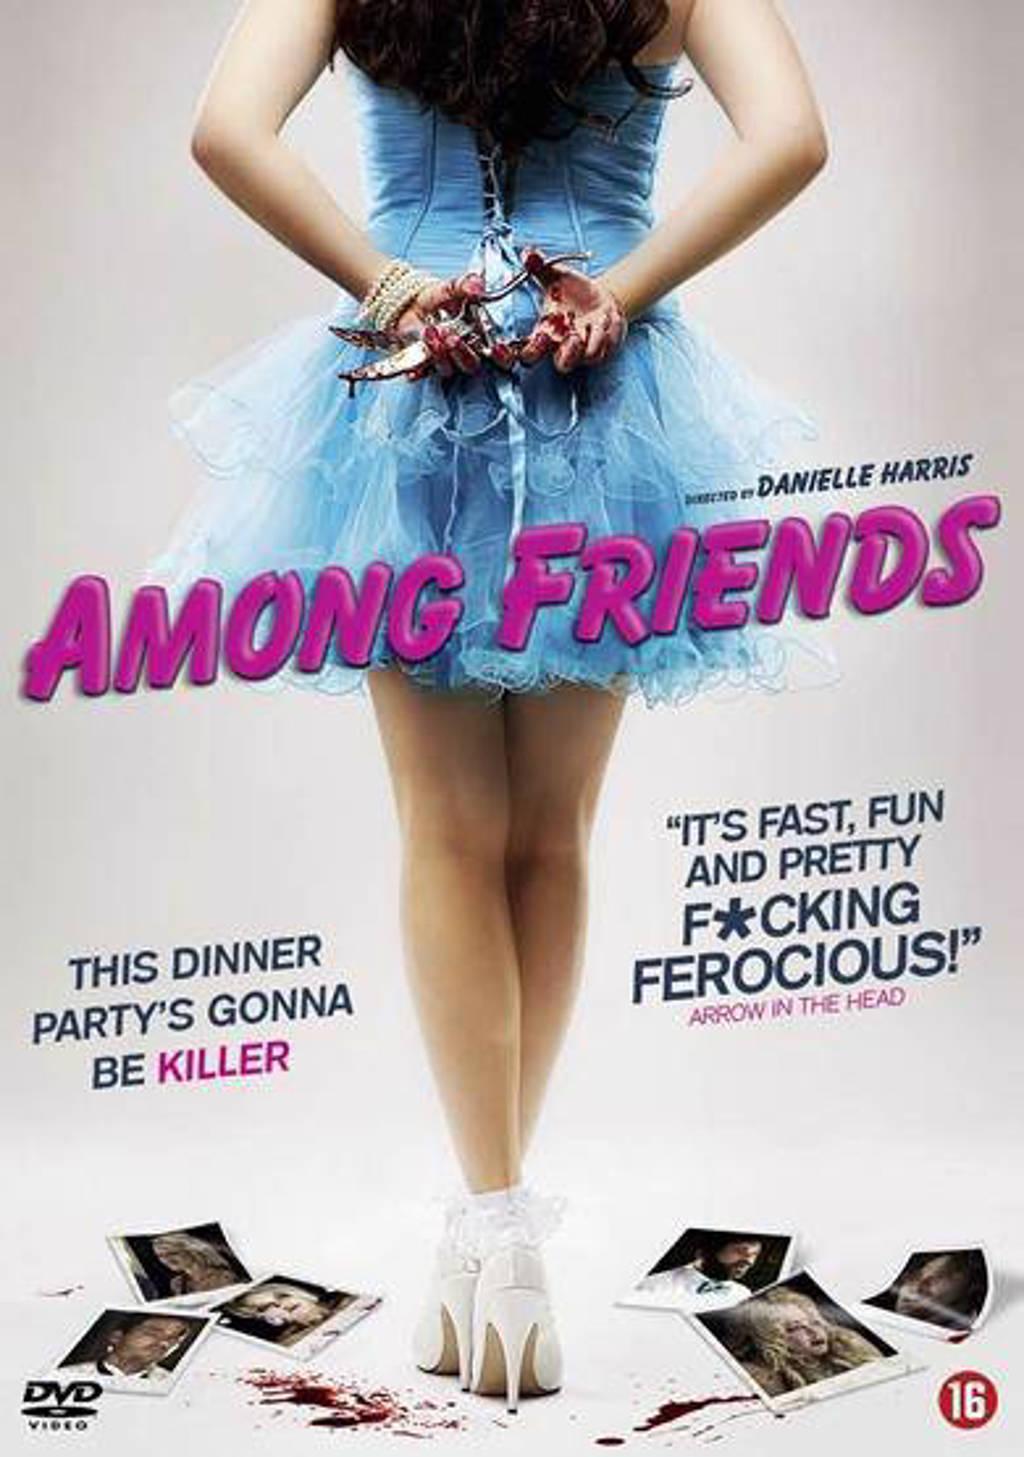 Among friends (DVD)